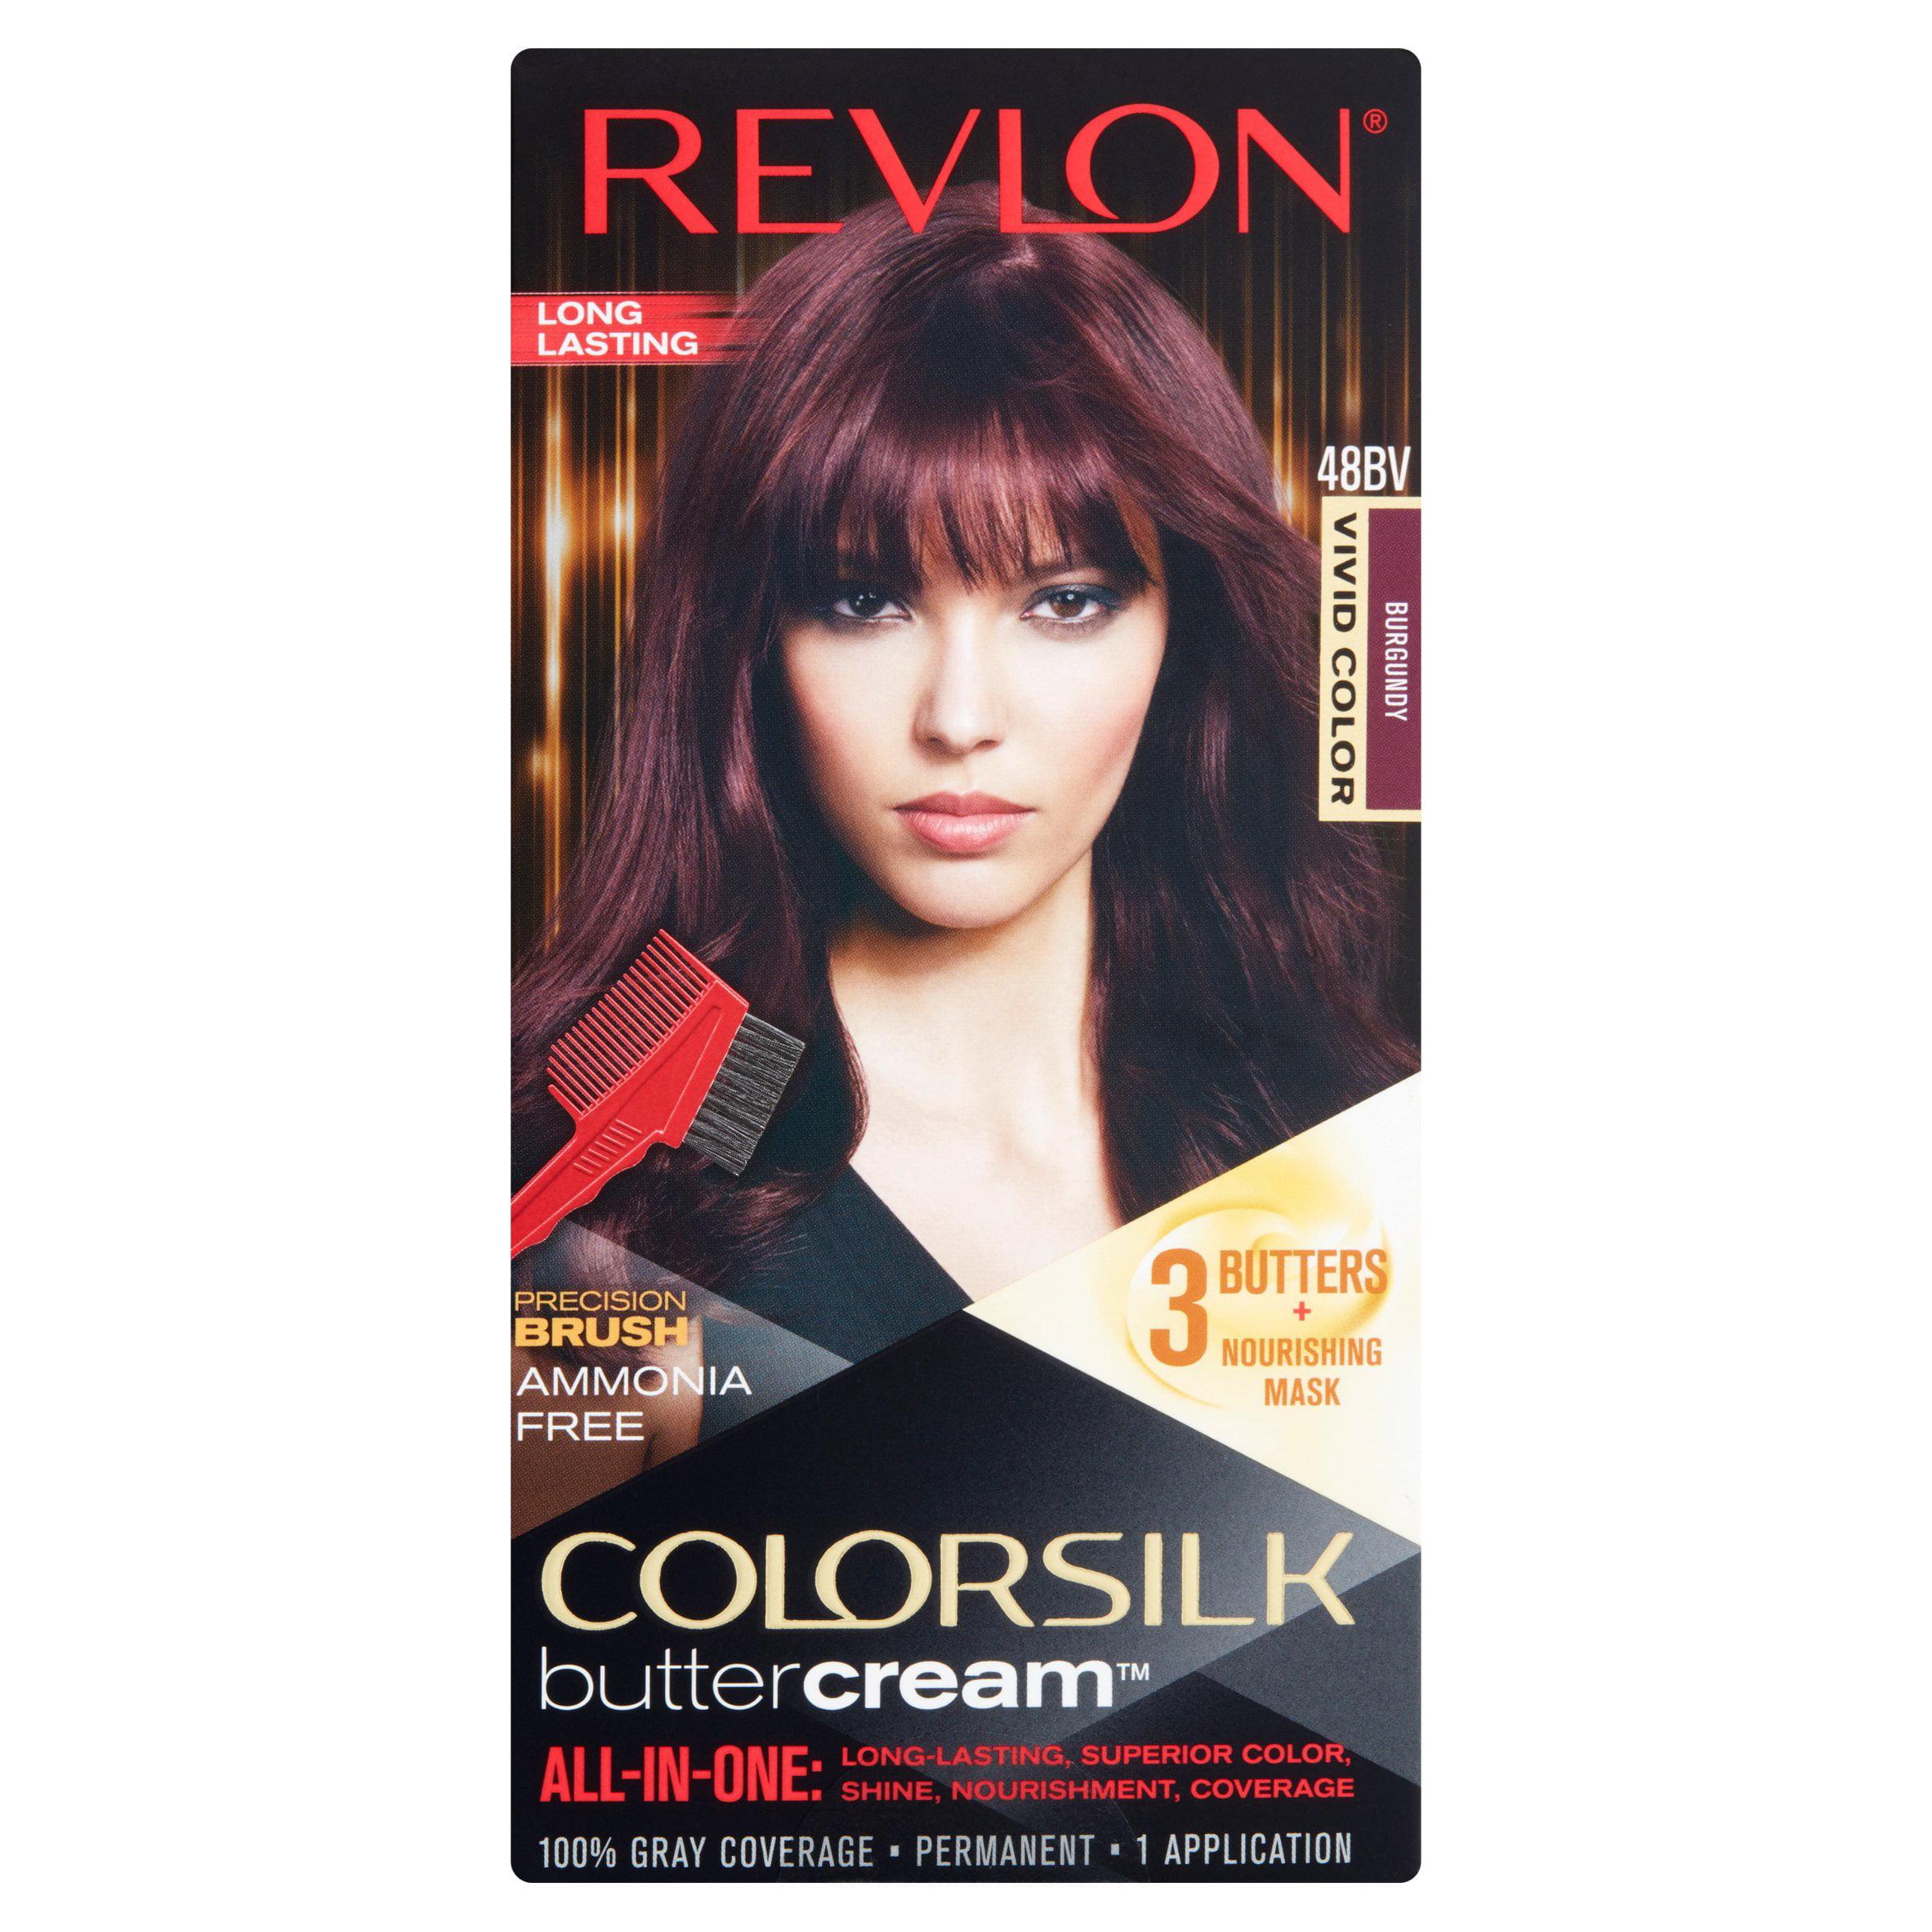 Colorsilk beautiful color 55 light reddish brown by revlon hair color - Revlon Colorsilk Buttercream 48bv Burgundy Permanent Hair Color 1 Application Walmart Com